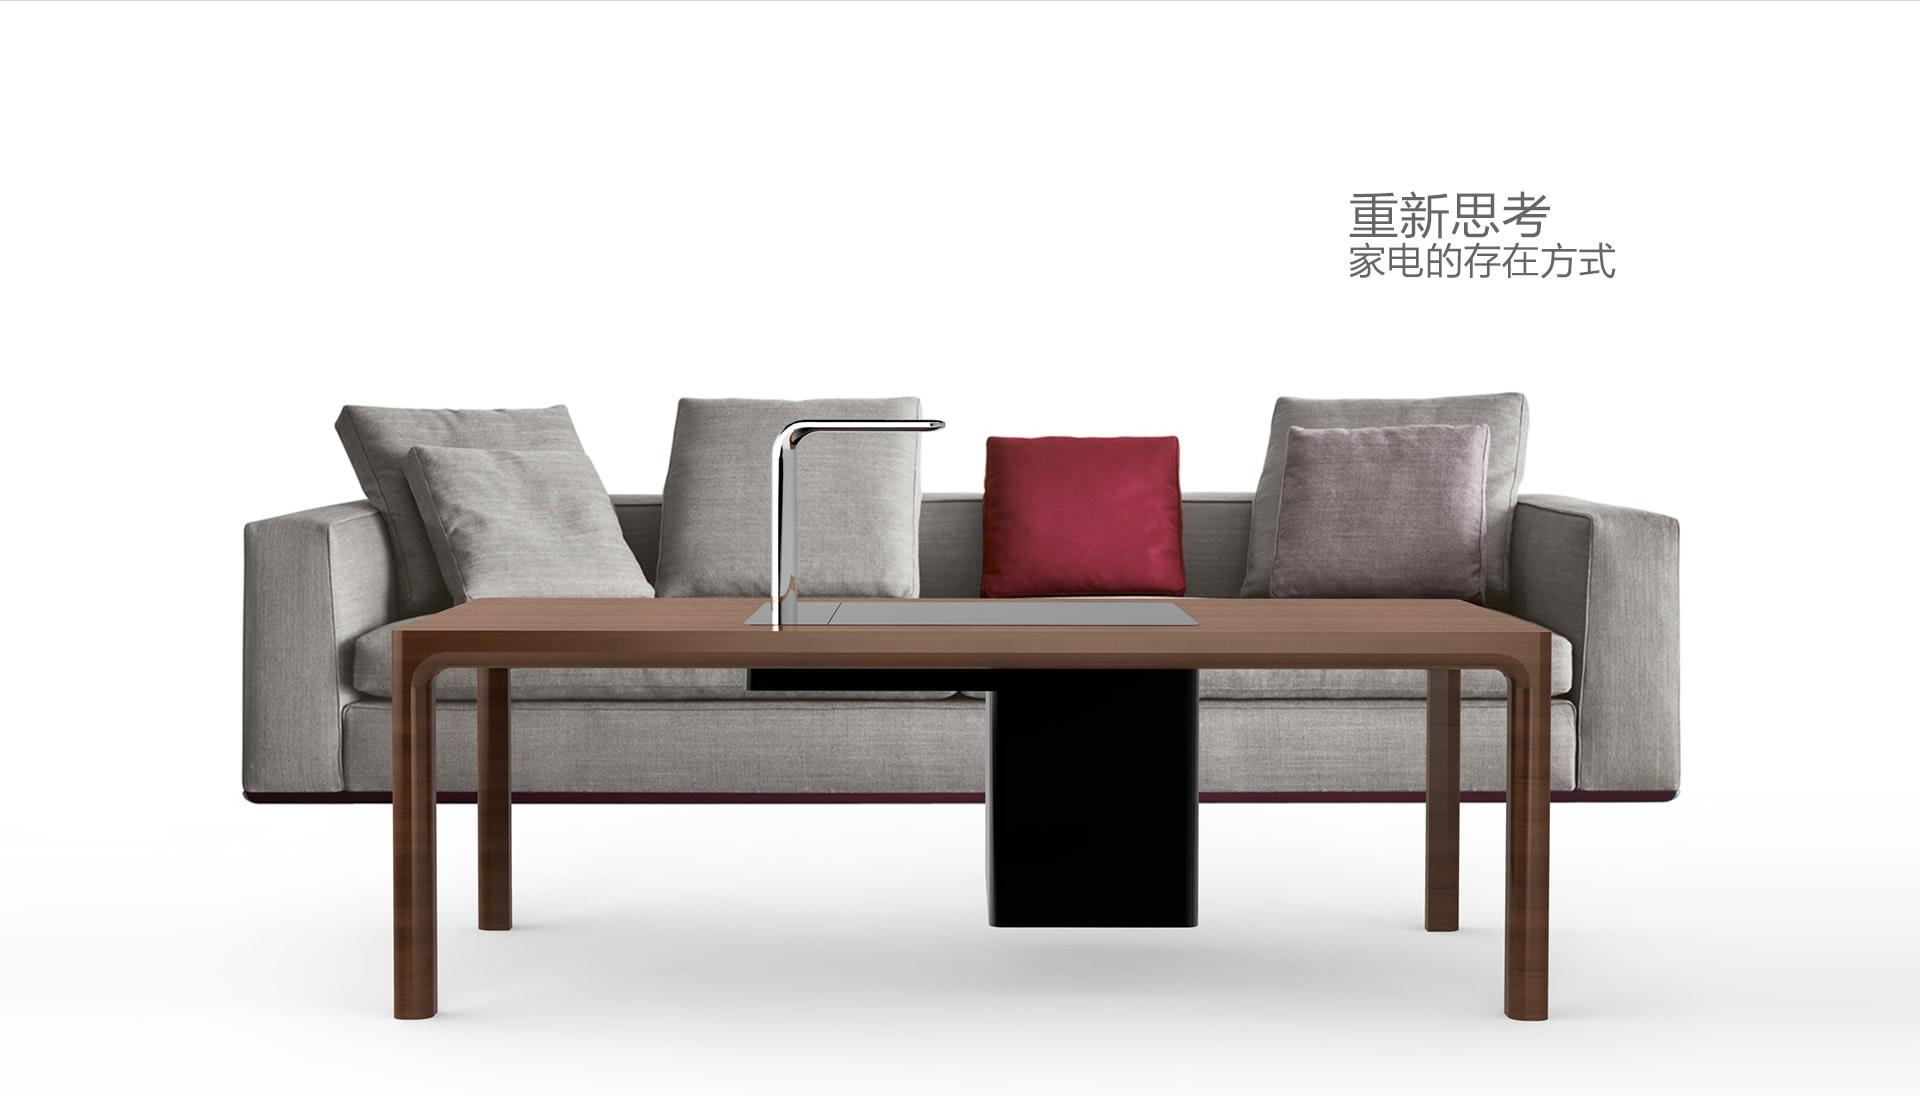 饮水机-上海工业设计公司-即禾设计